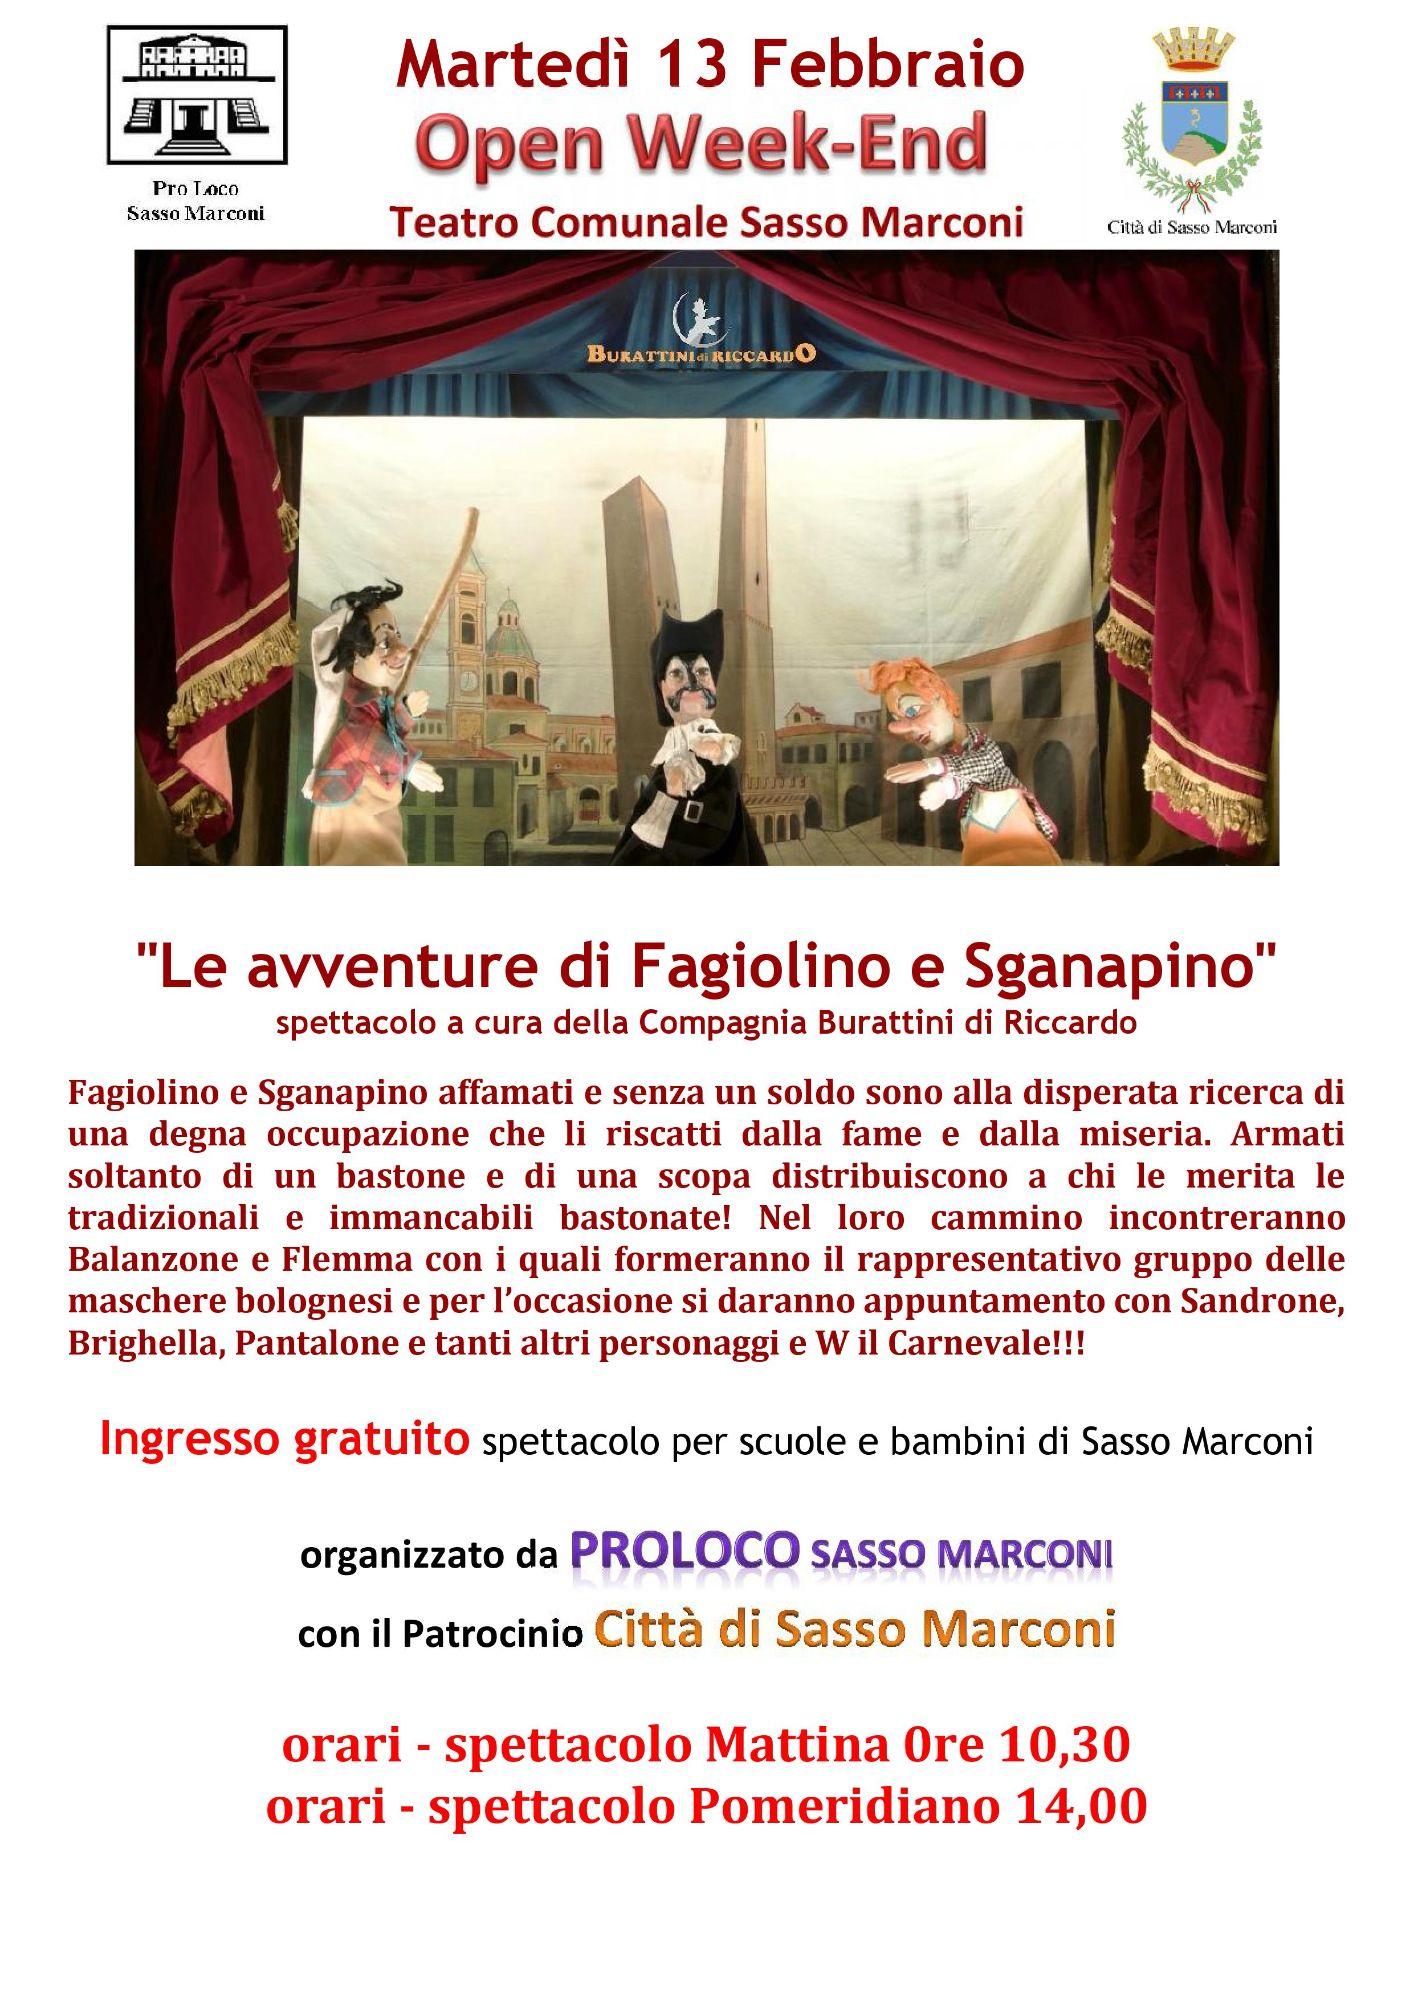 Le avventure di Fagiolino e Sganapino